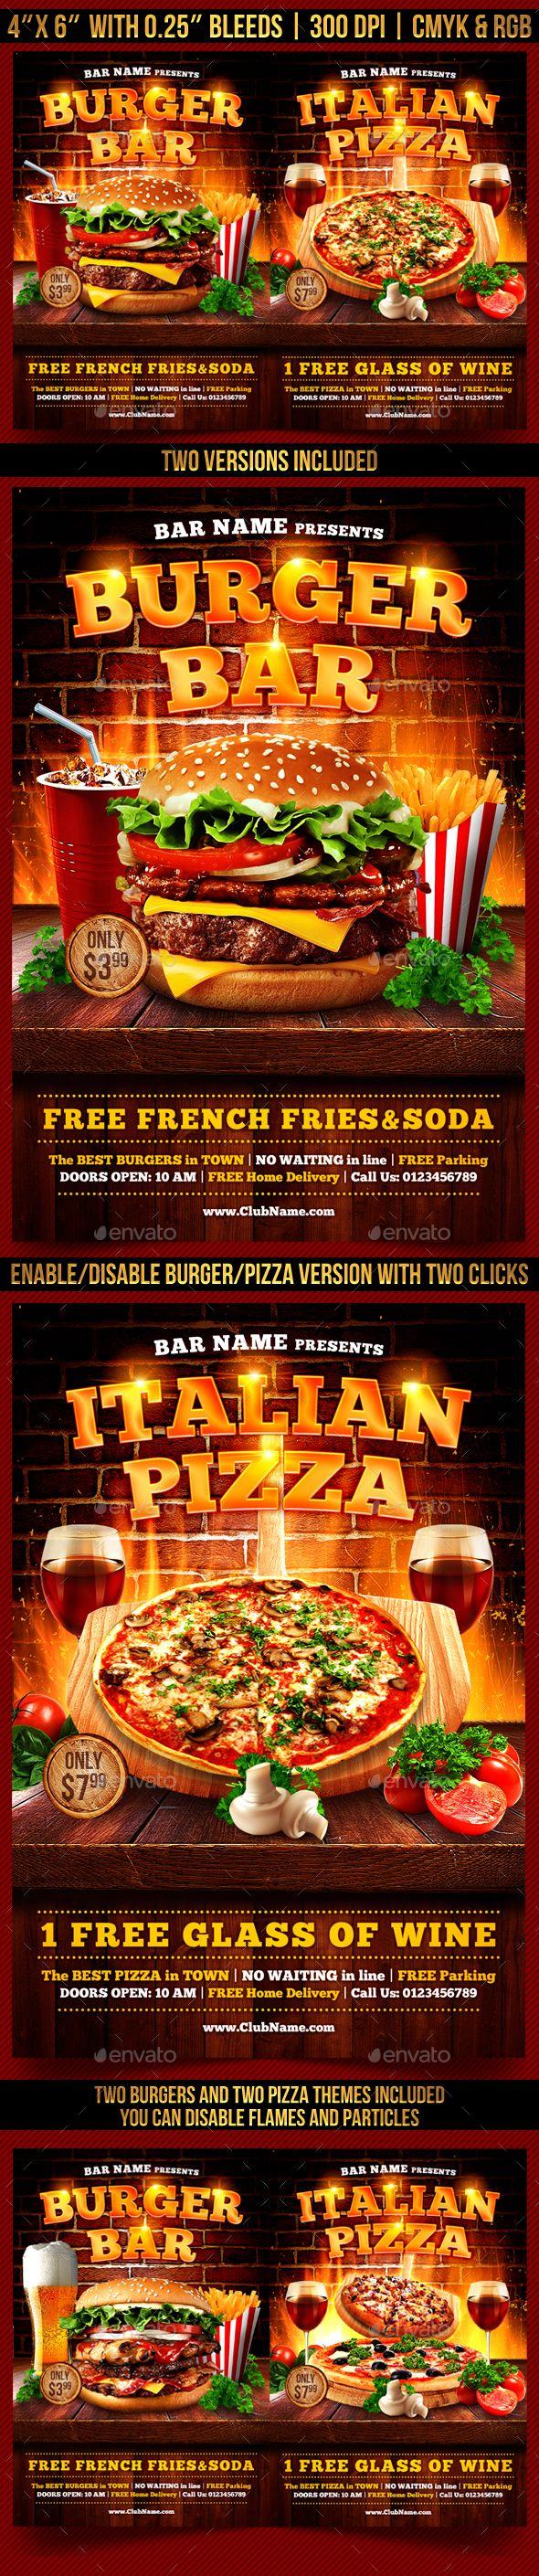 Burger and Pizza Flyer Template | Hamburguesas, Folletos y Revistas